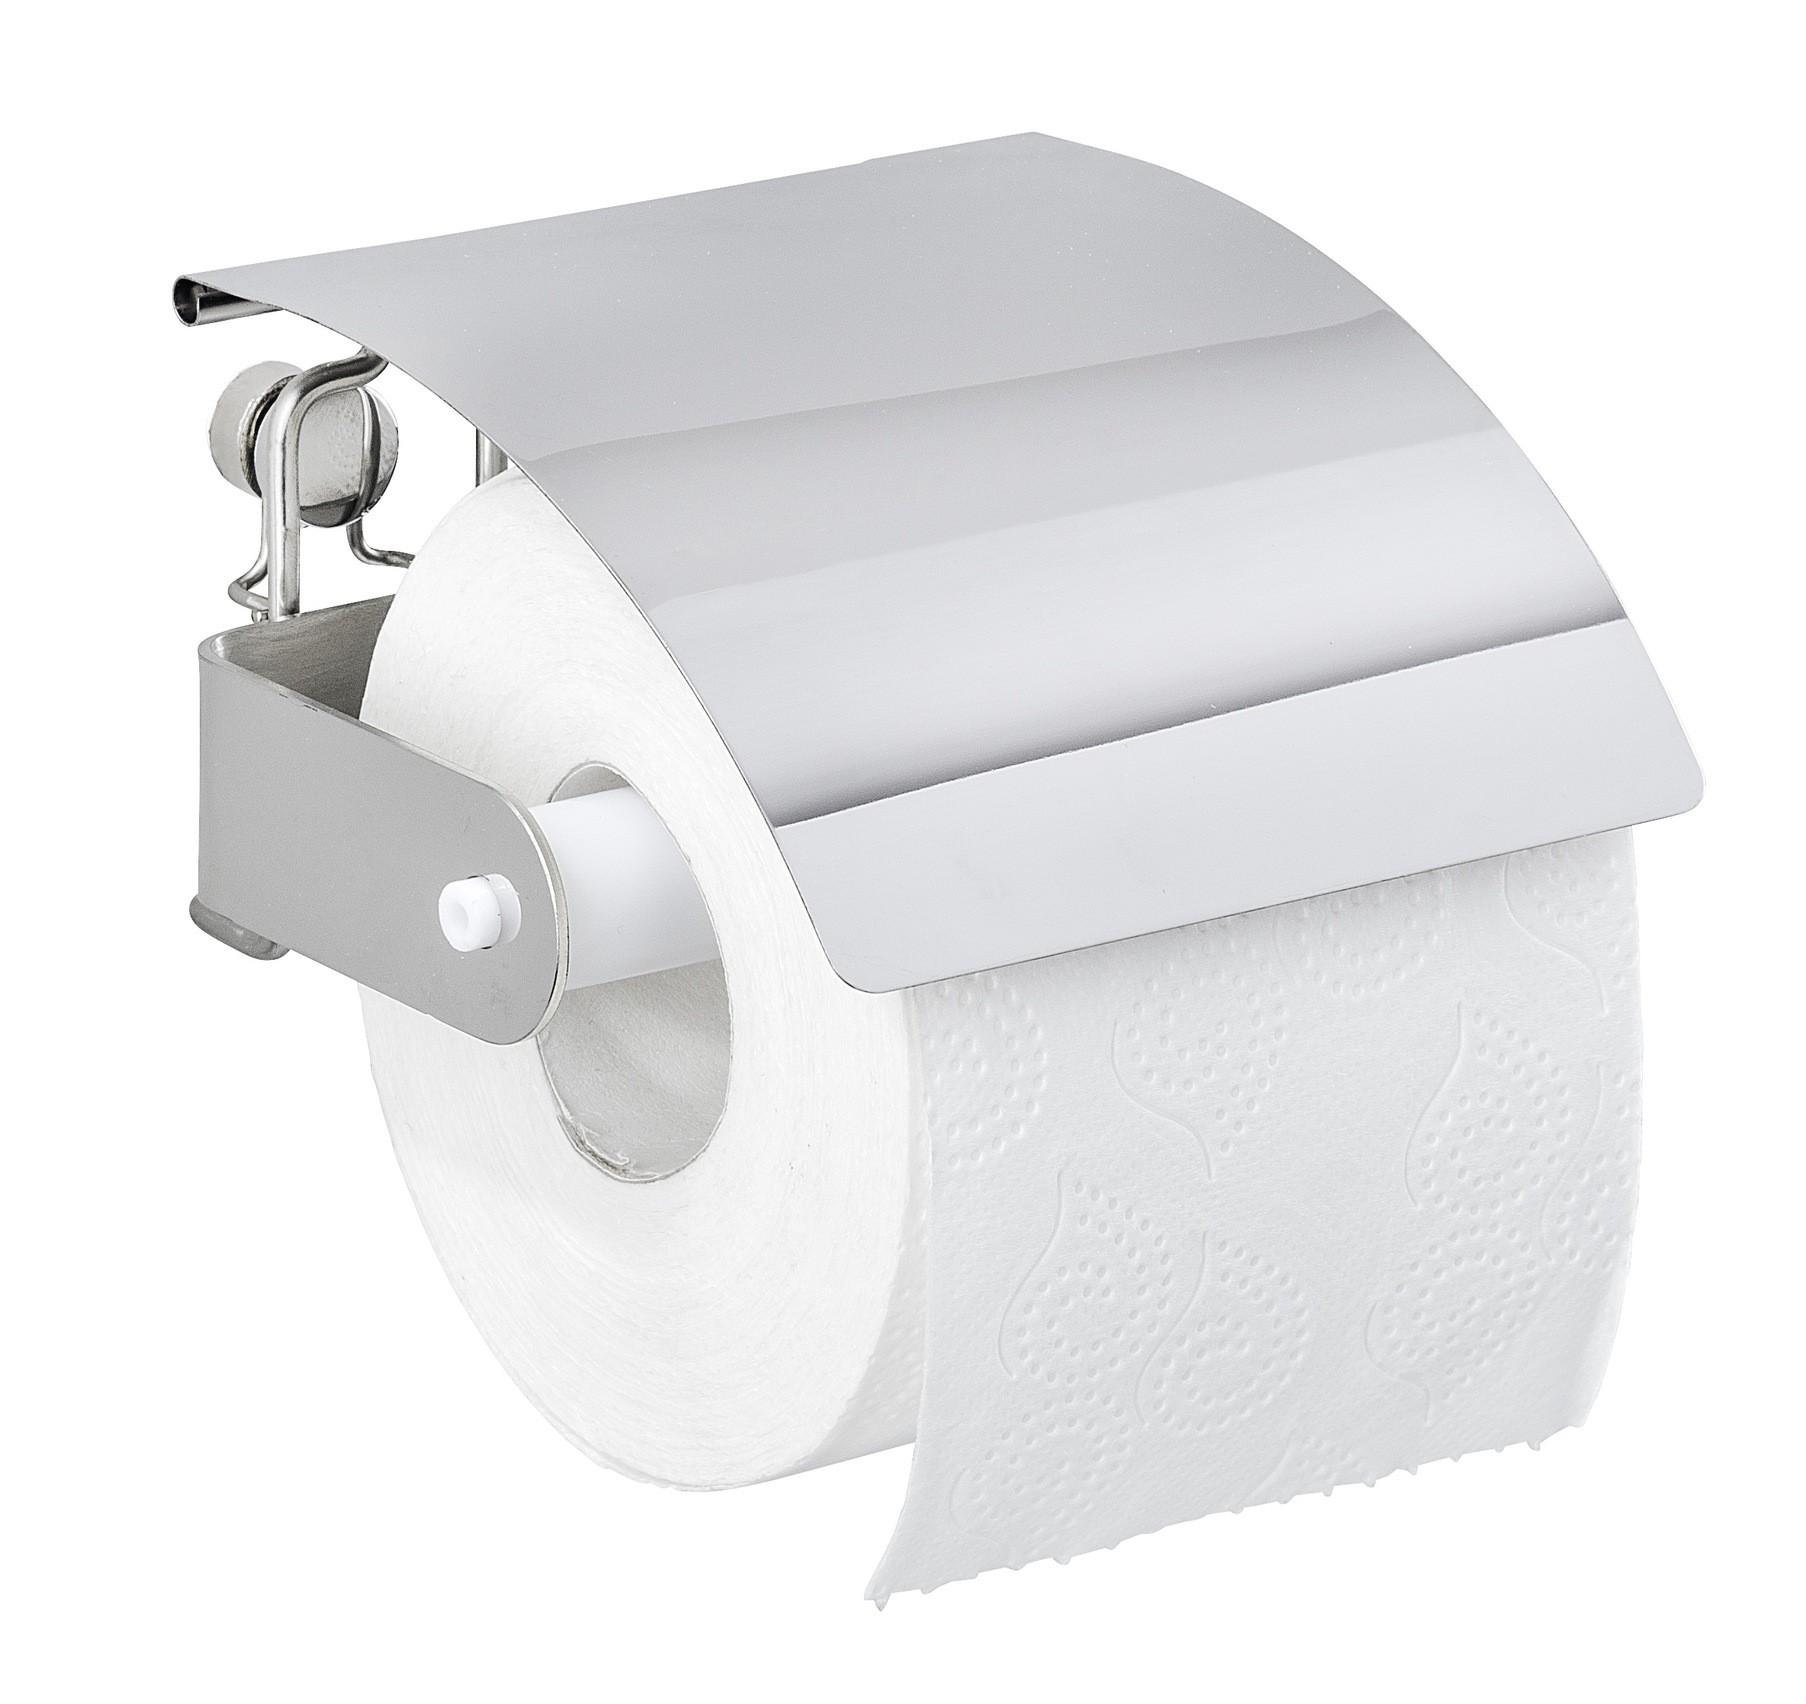 Wenko Toilettenpapierhalter Premium Plus, Edelstahl